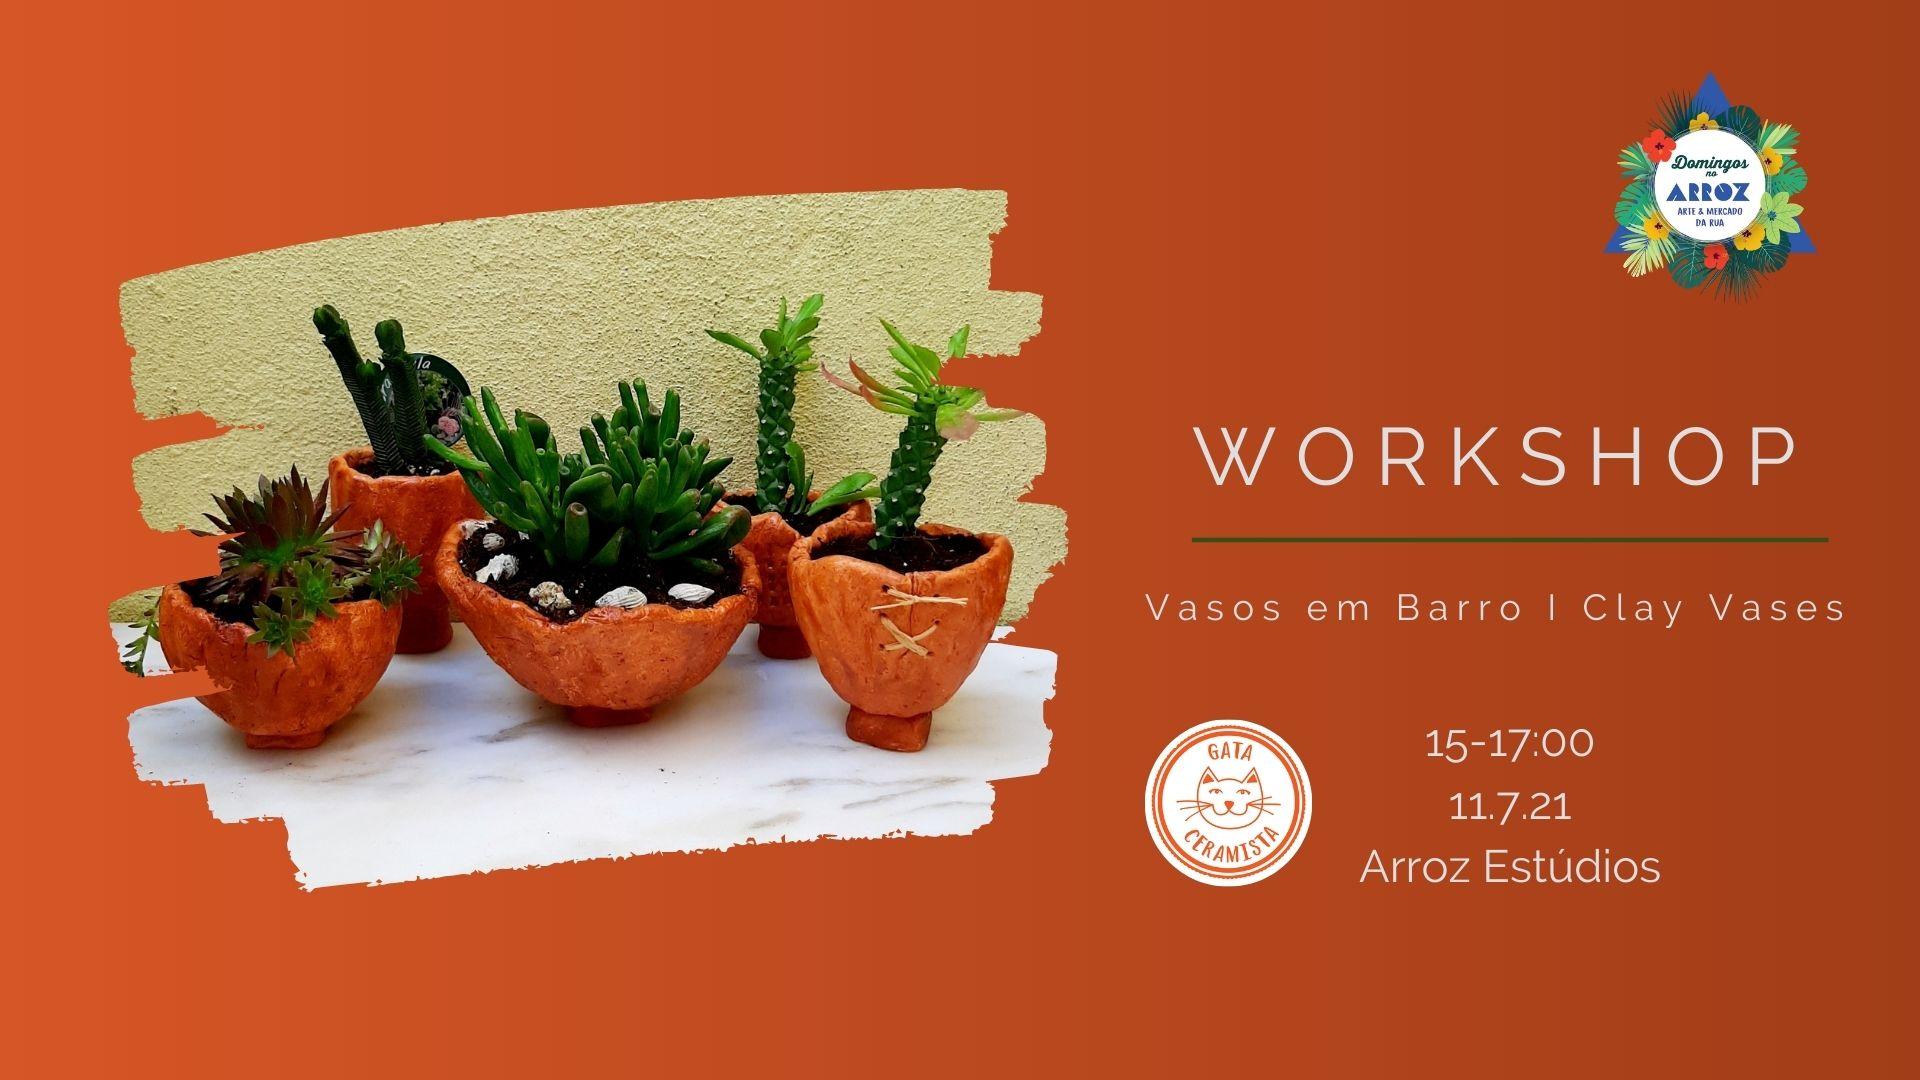 WORKSHOP Vasos em barro I Clay pots c. Gata Ceramista